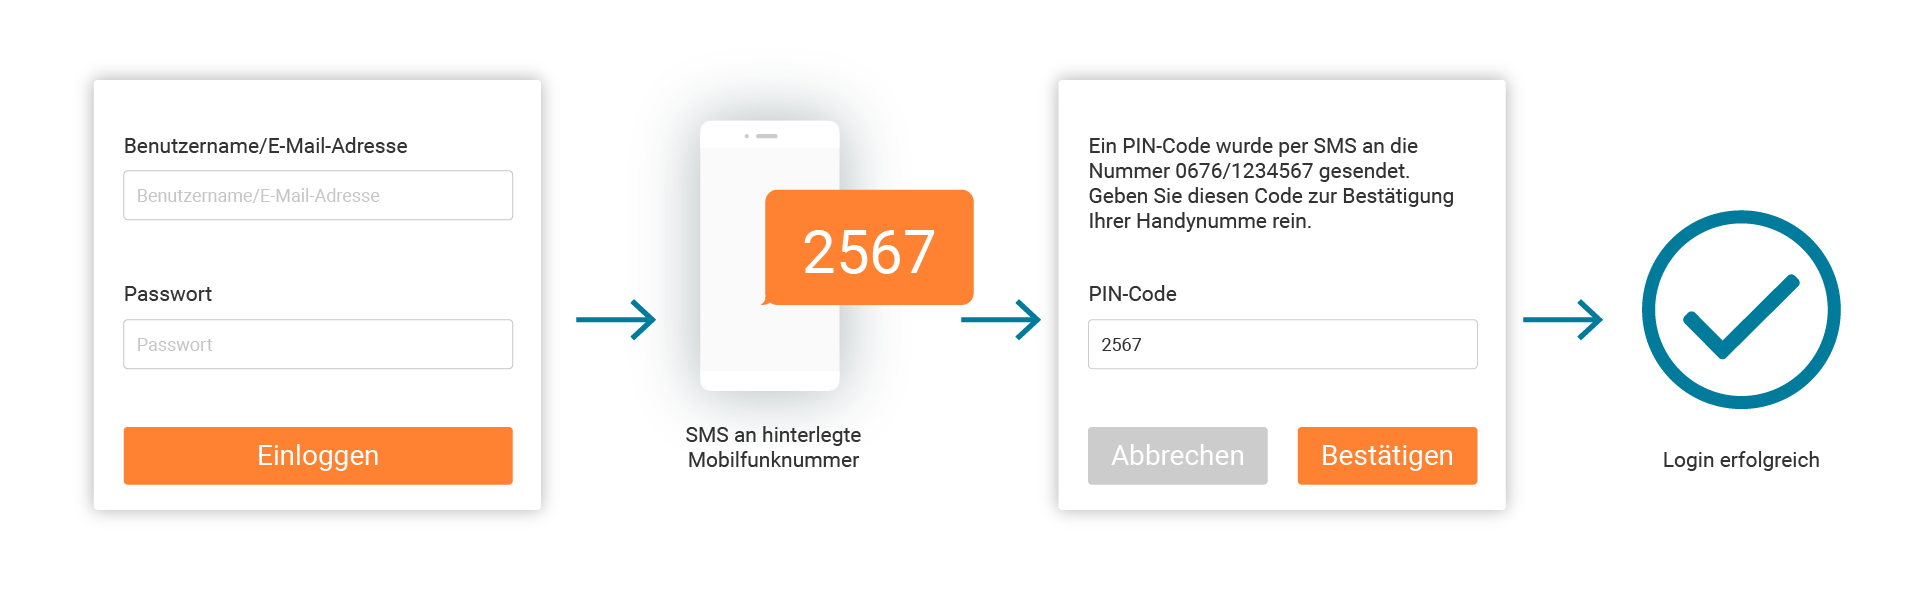 LINK Mobility - So funktioniert eine Zwei-Faktor-Authentifizierung (2FA)